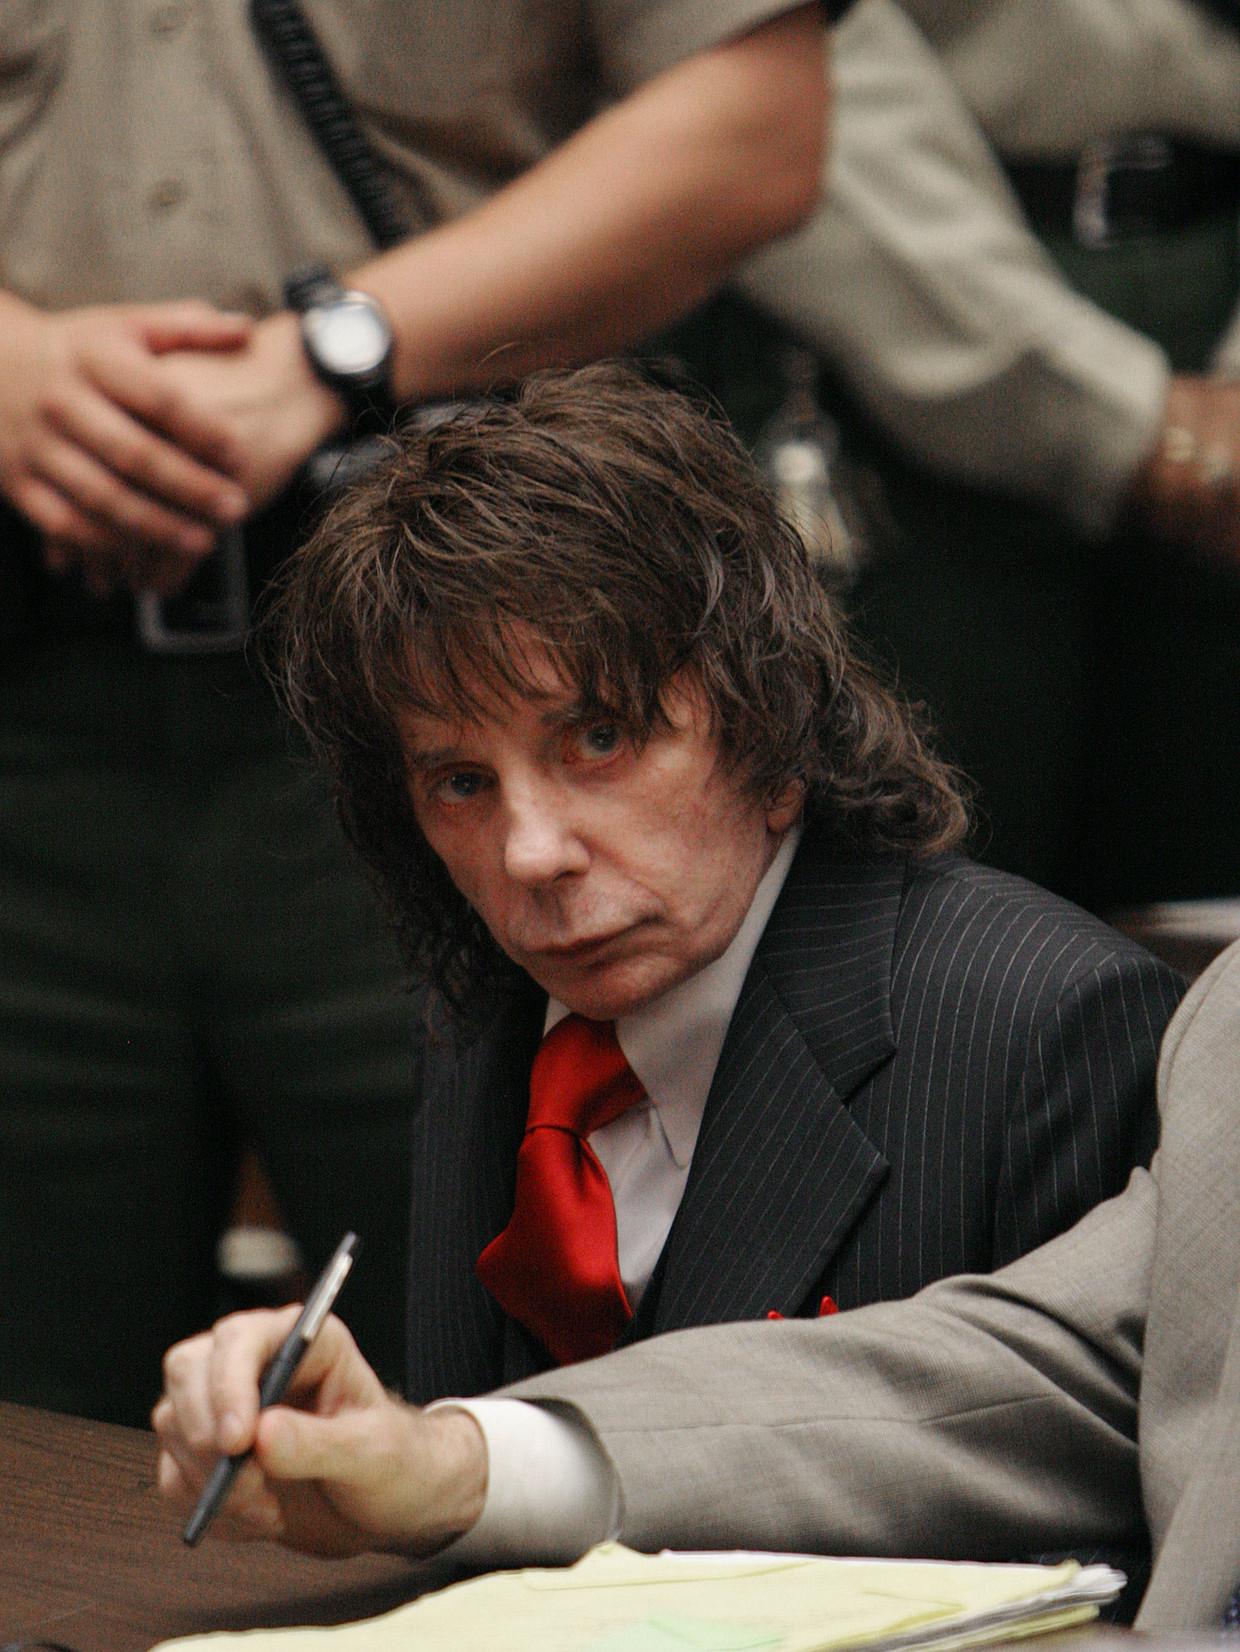 Phil Spector in 2009 in de rechtszaal.  Beeld AP